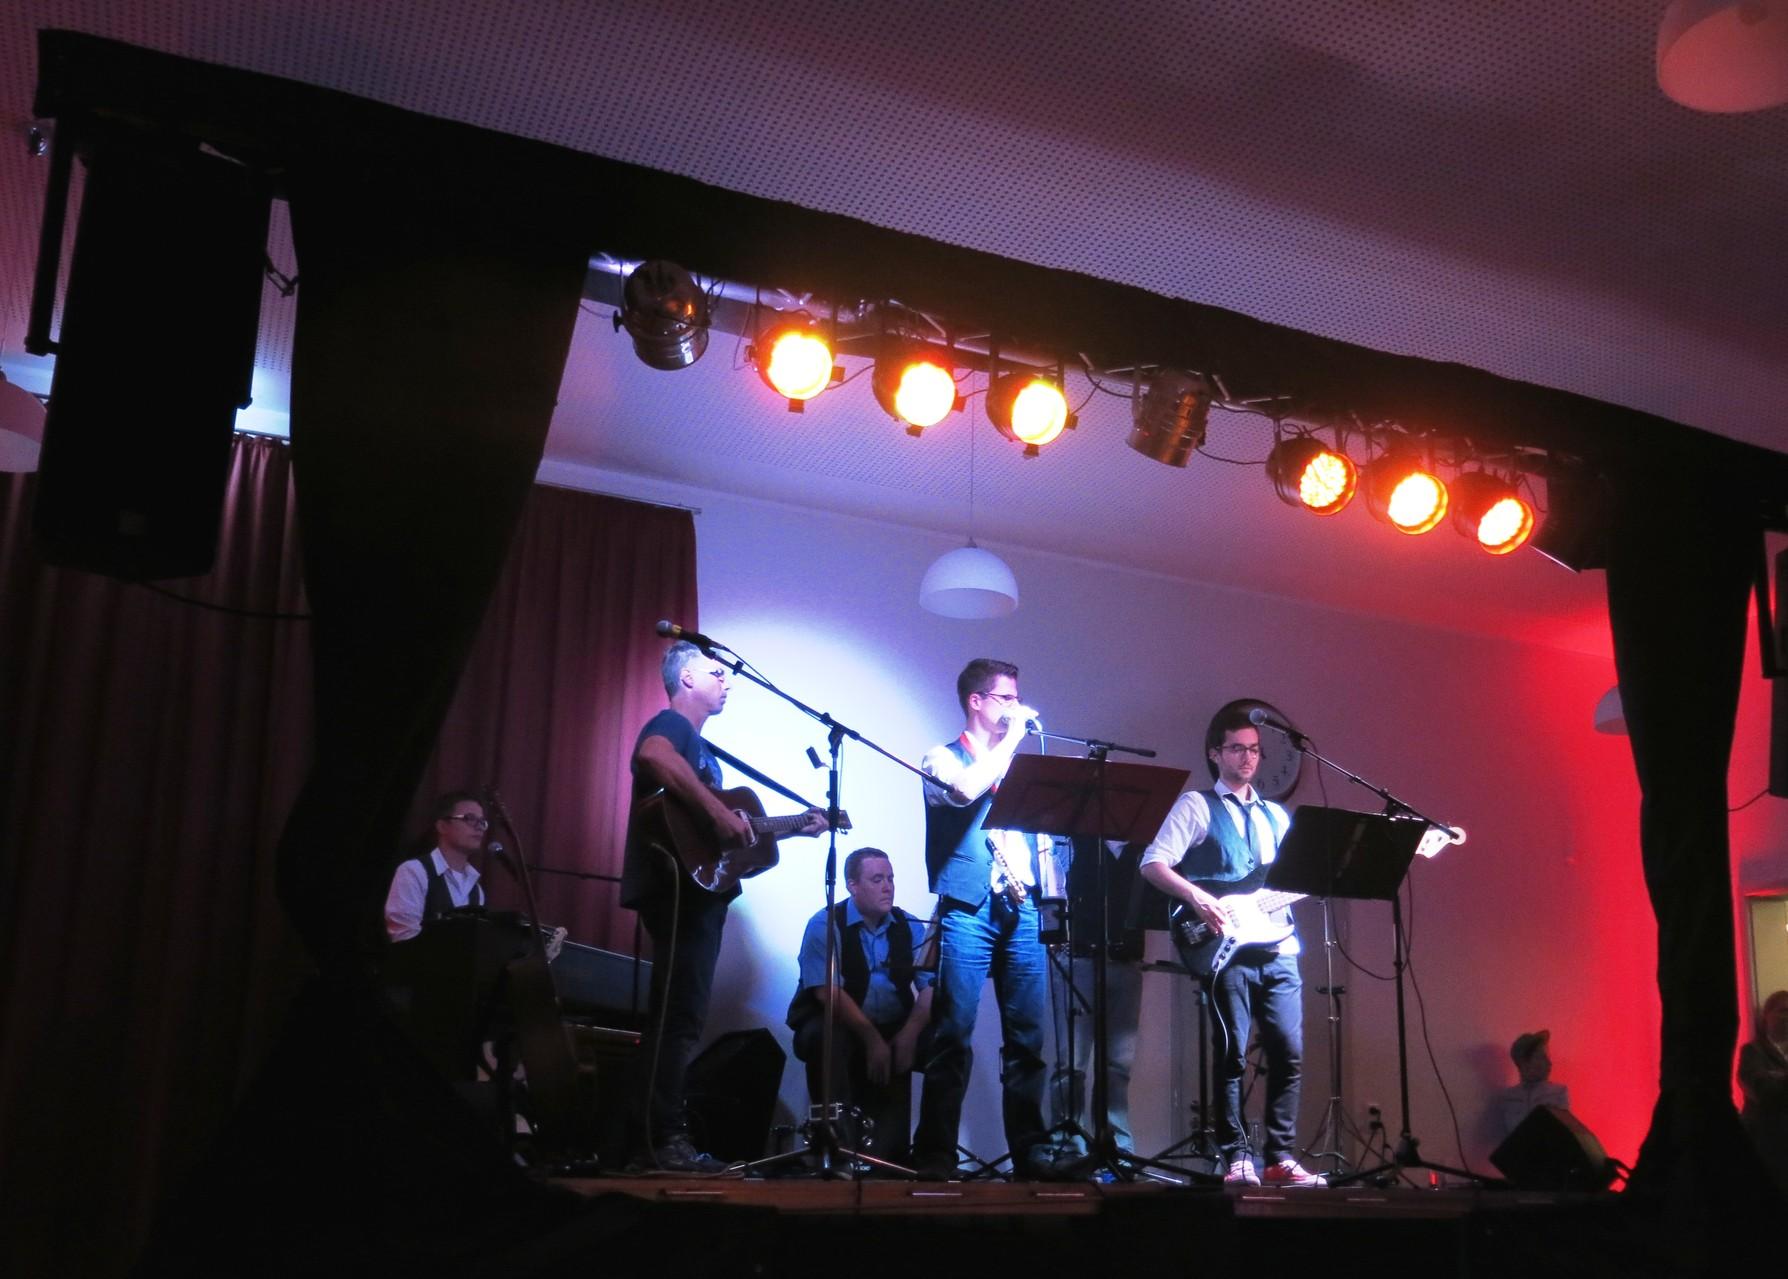 12.09.2014 - Unser Benefizkonzert für Dresden-Dakar-Banjul